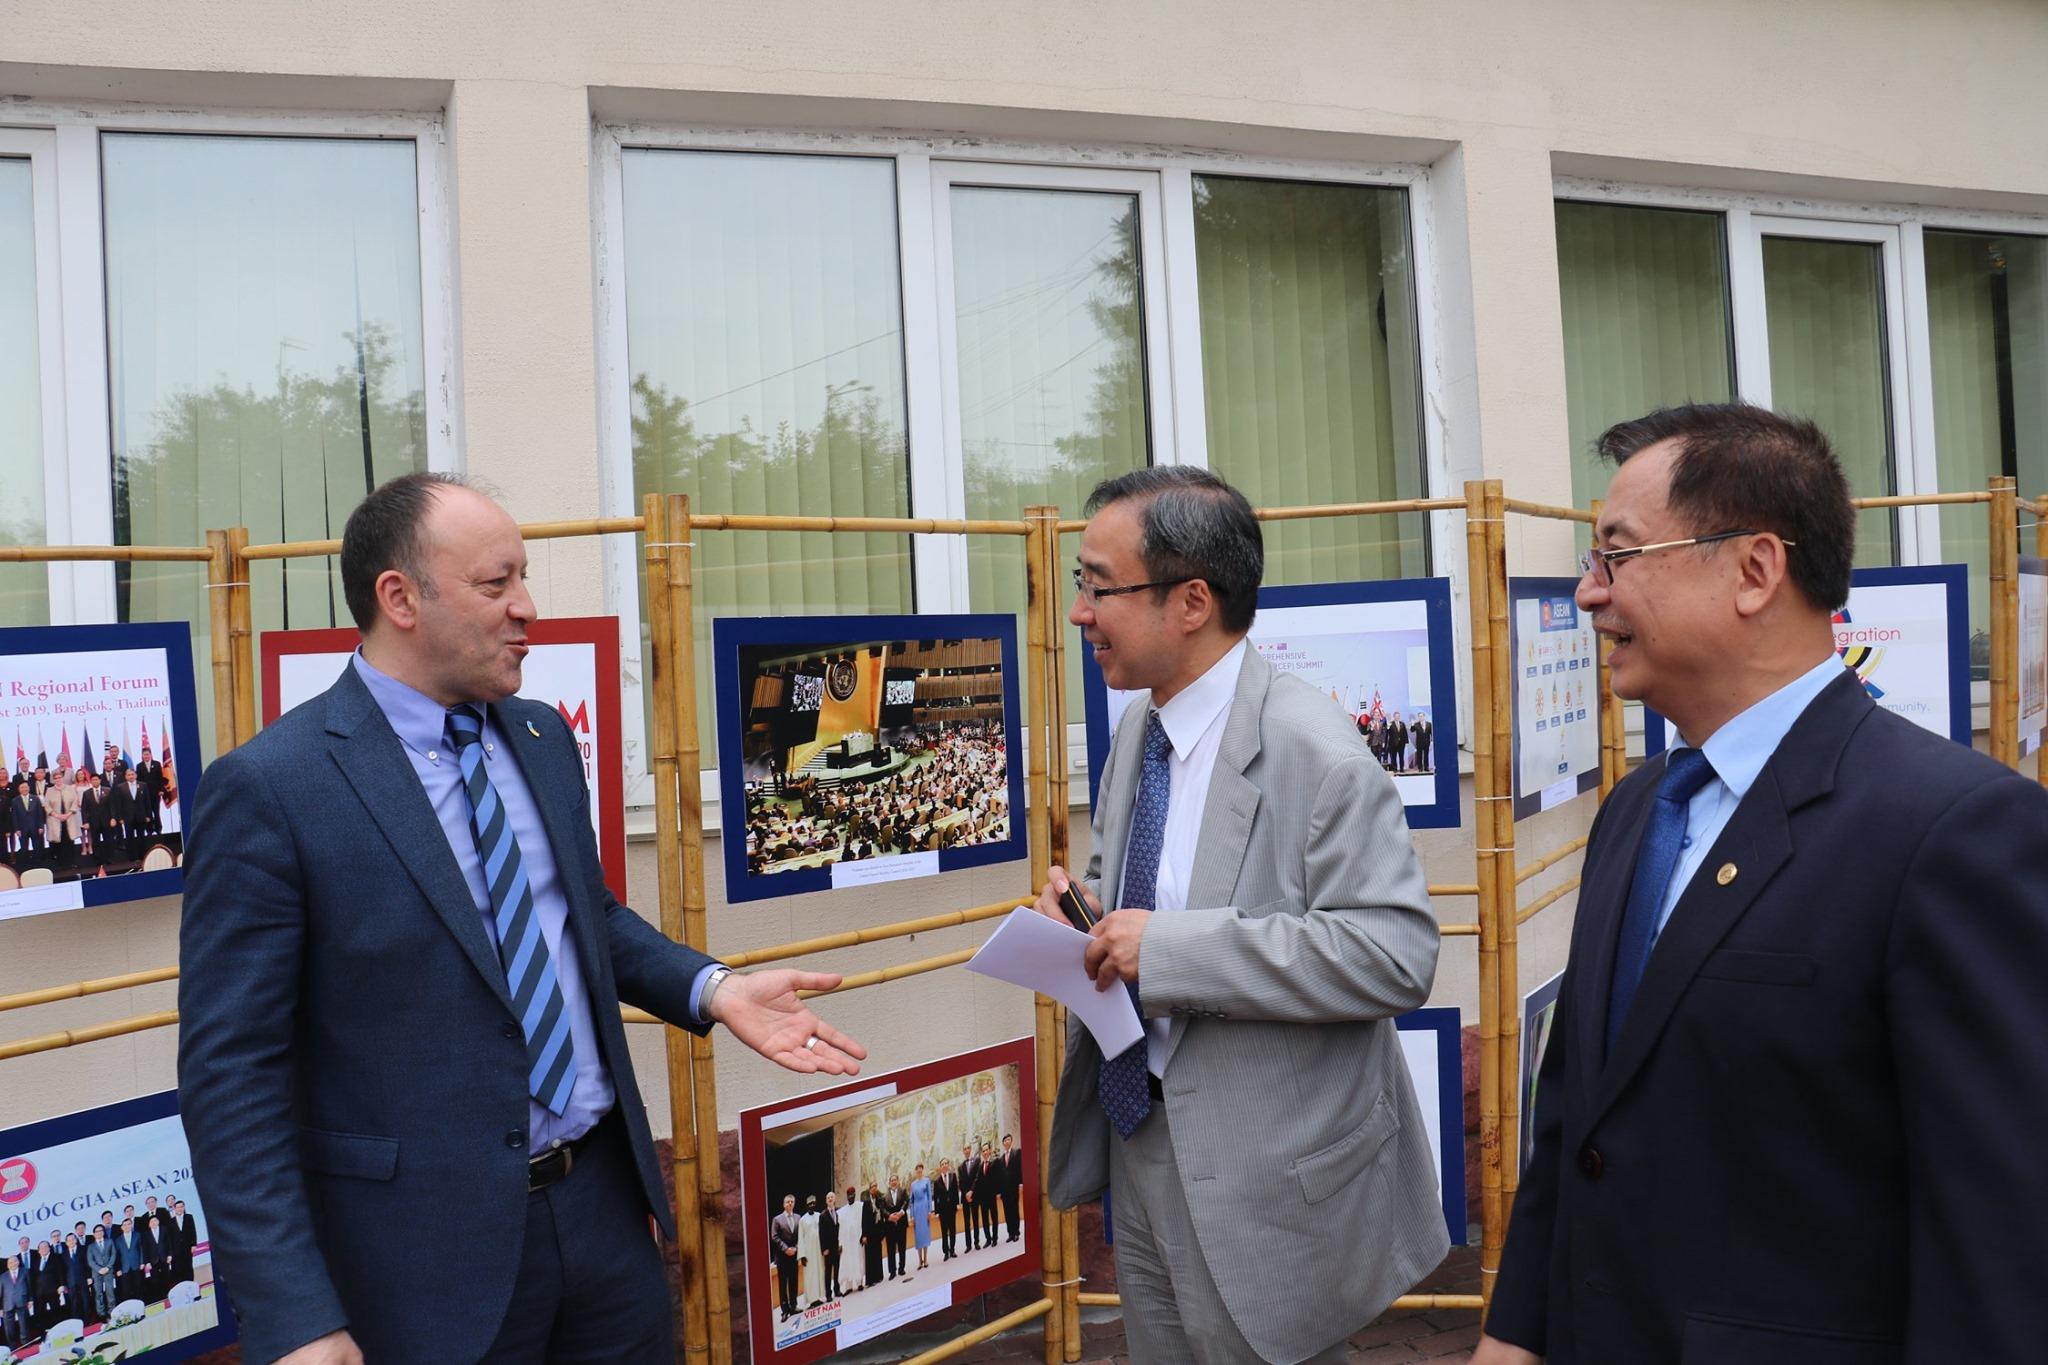 Đại sứ quán Việt Nam tại Ucraina tổ chức Lễ thượng cờ ASEAN nhân kỷ niệm 52 năm ngày thành lập